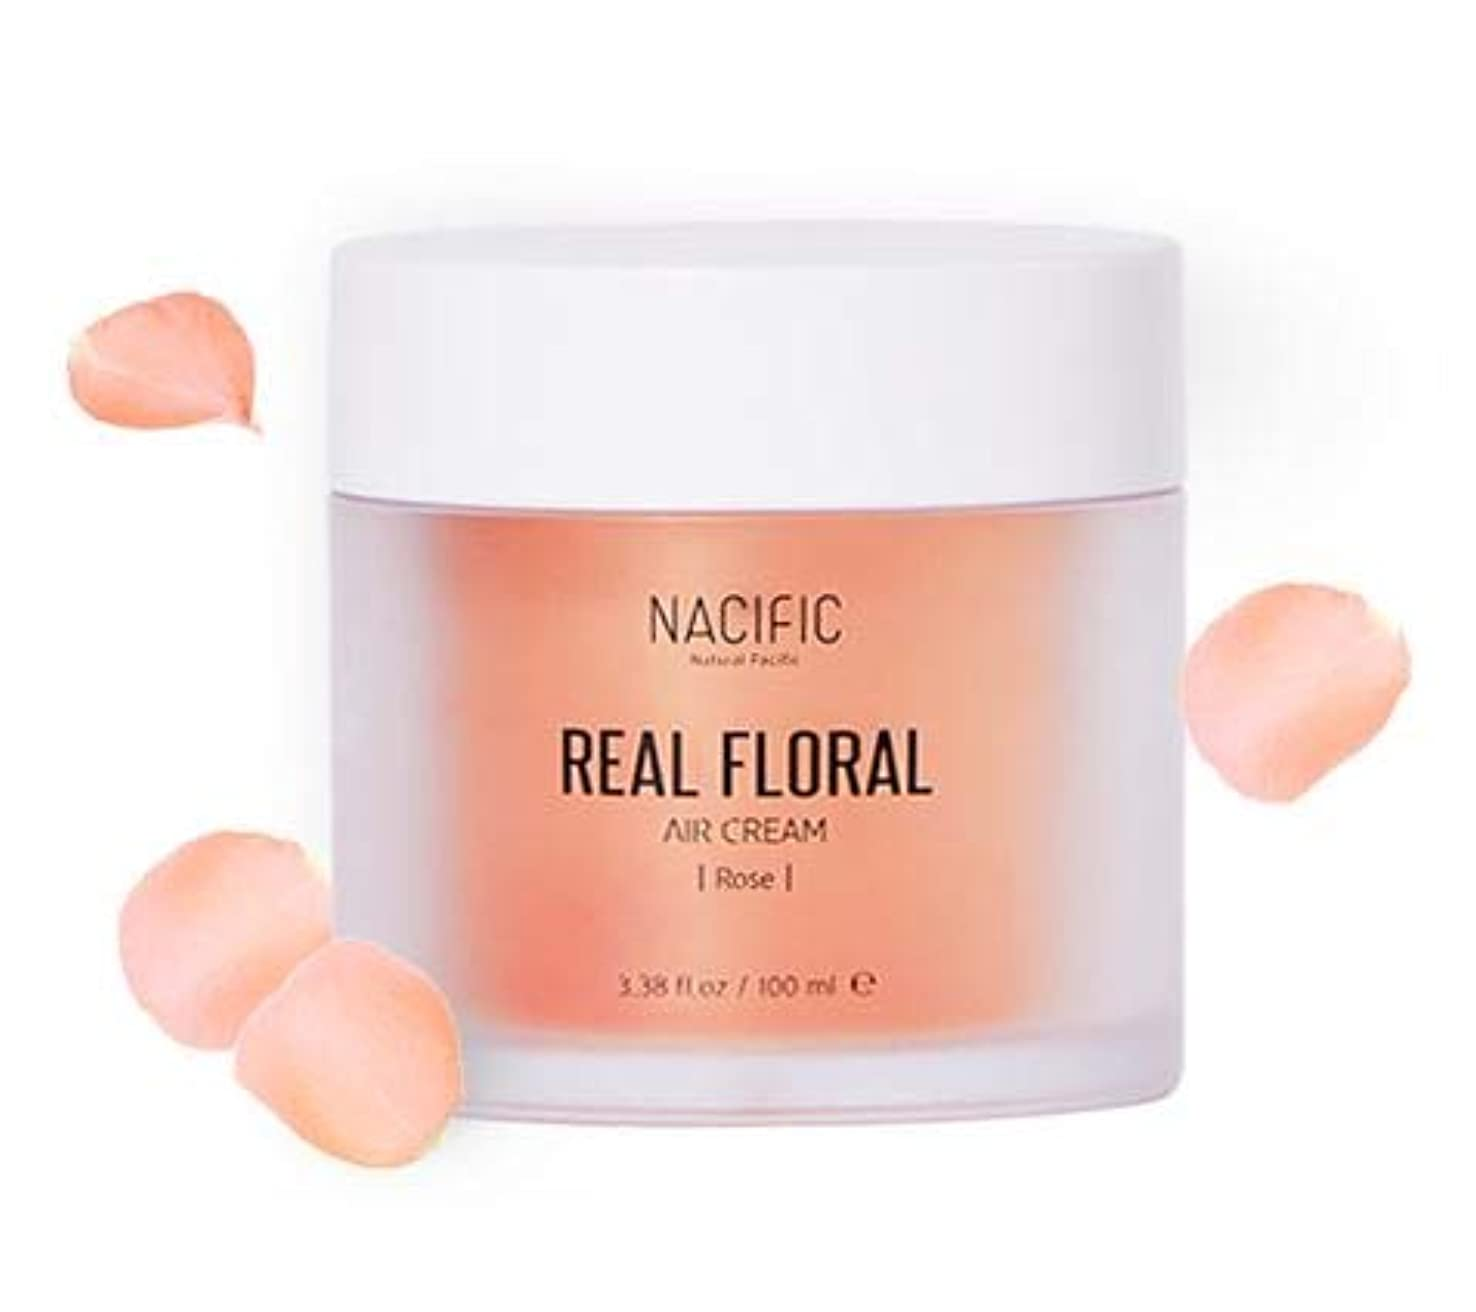 死すべき日食興味[ NACIFIC ] Real Rose Floral Air Cream 100ml (Rose) / [ナシフィック] リアル (ローズ エア クリーム) 100ml [並行輸入品]